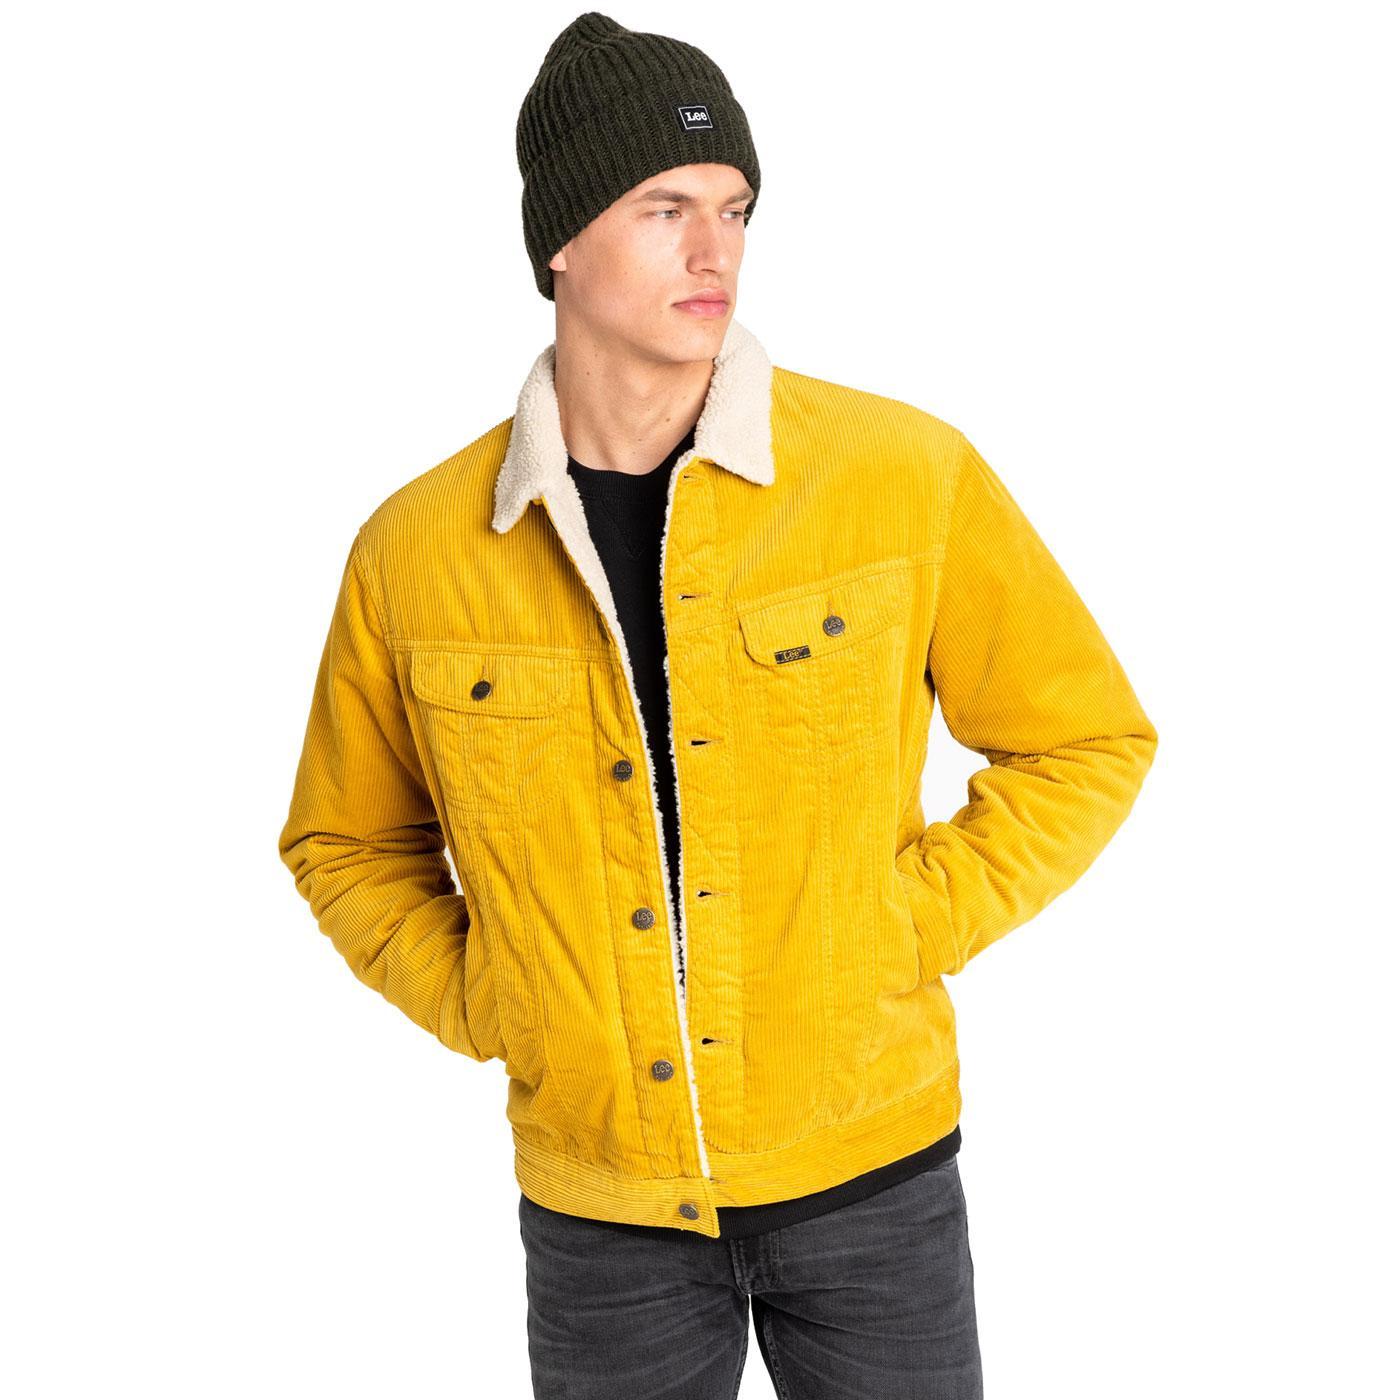 Rider Sherpa LEE JEANS Retro Cord Jacket NG